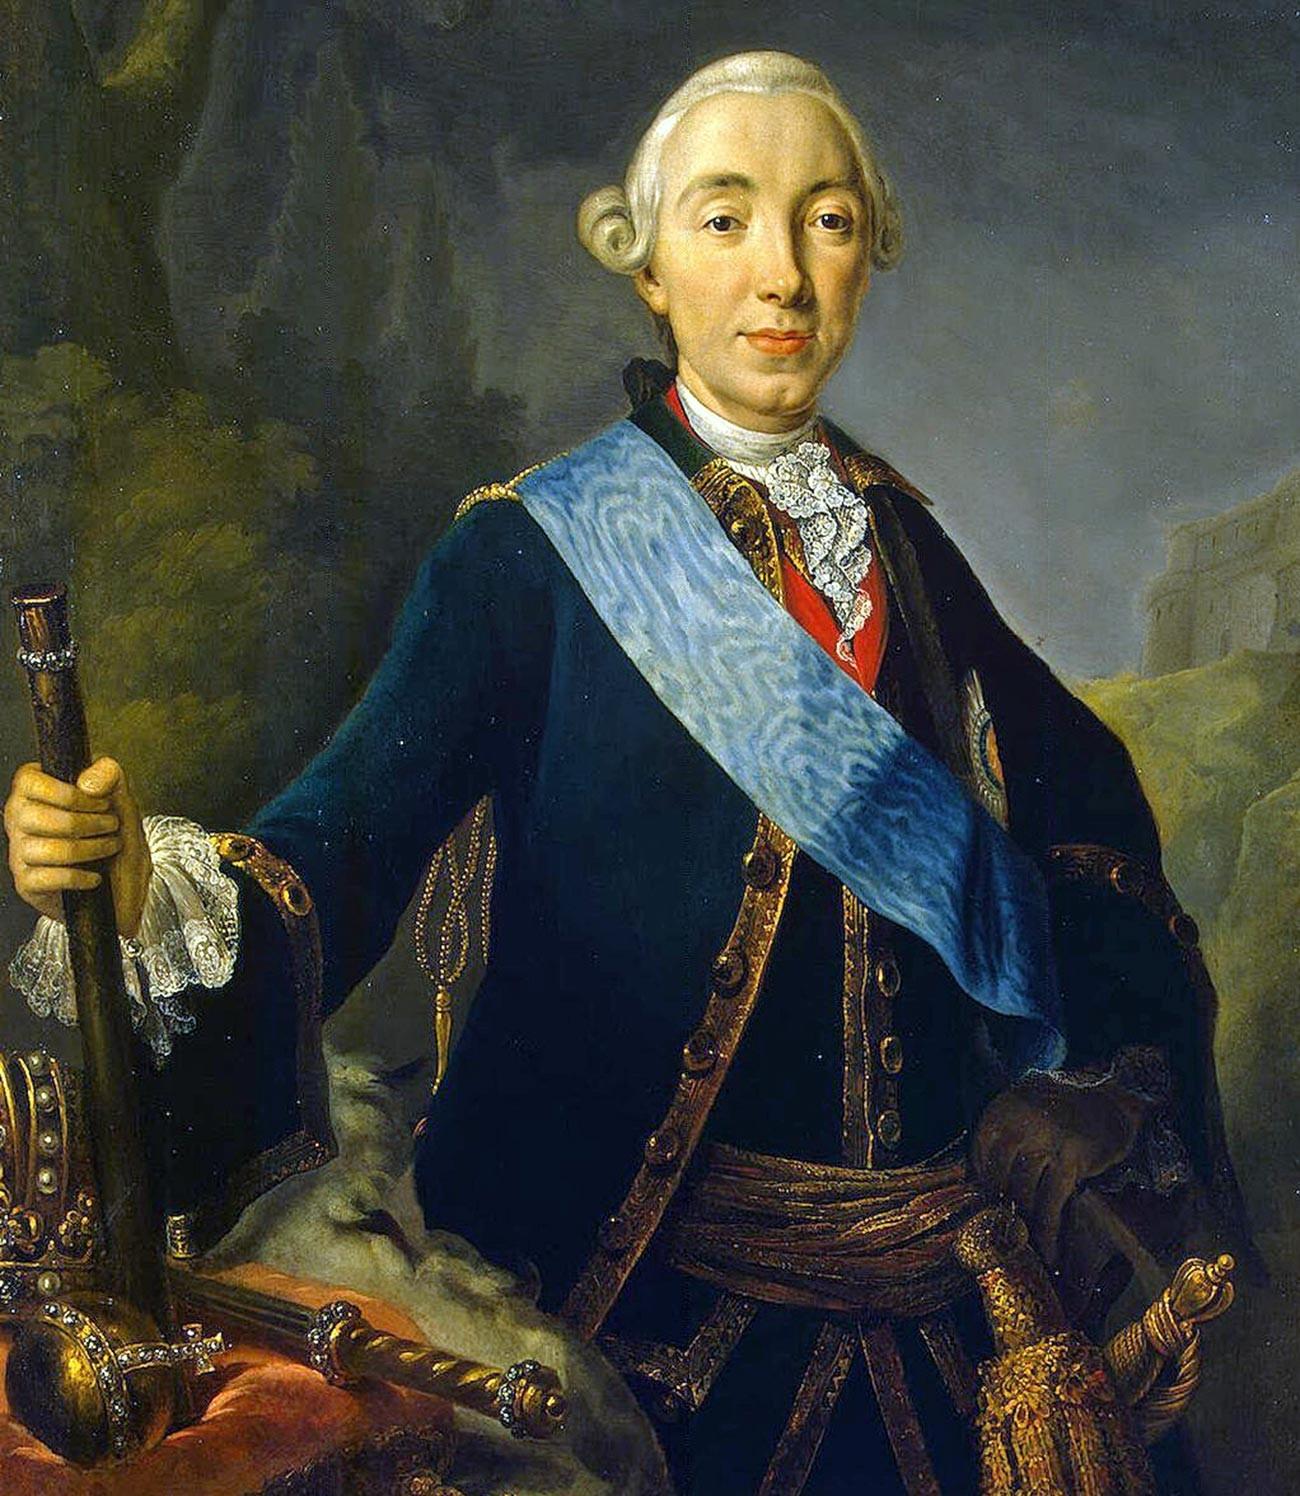 Портрет на императорот Петар III Фјодорович на денот на неговата корнација